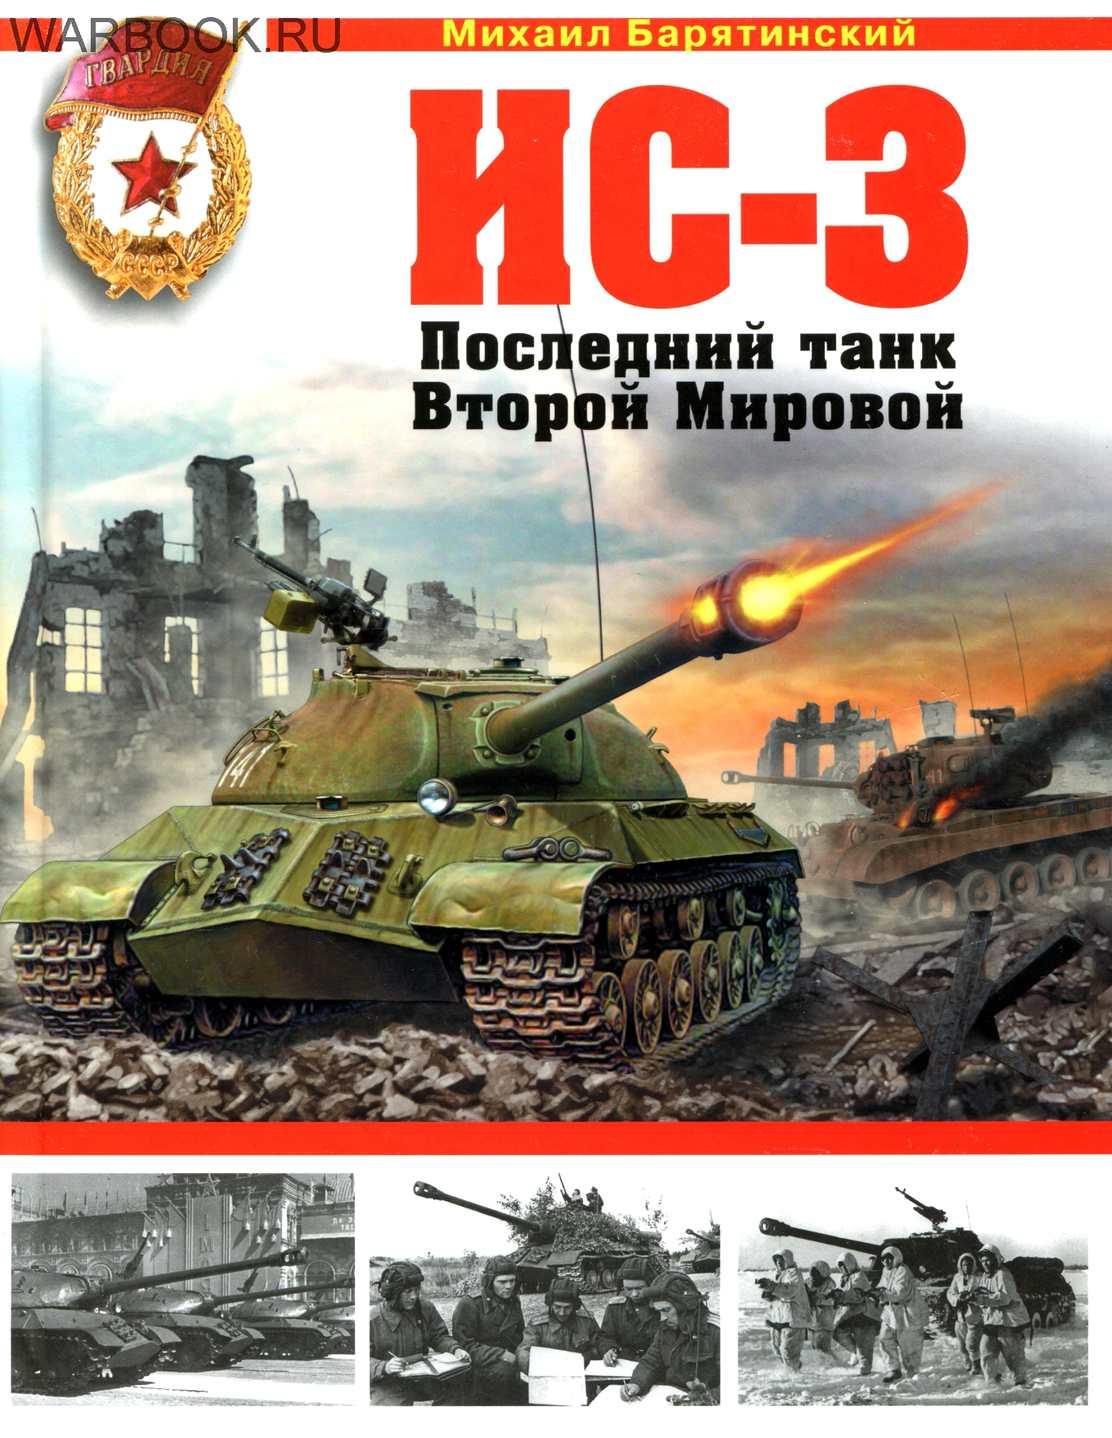 Барятинский - ИС-3 - последний танк Второй Мировой - 2010